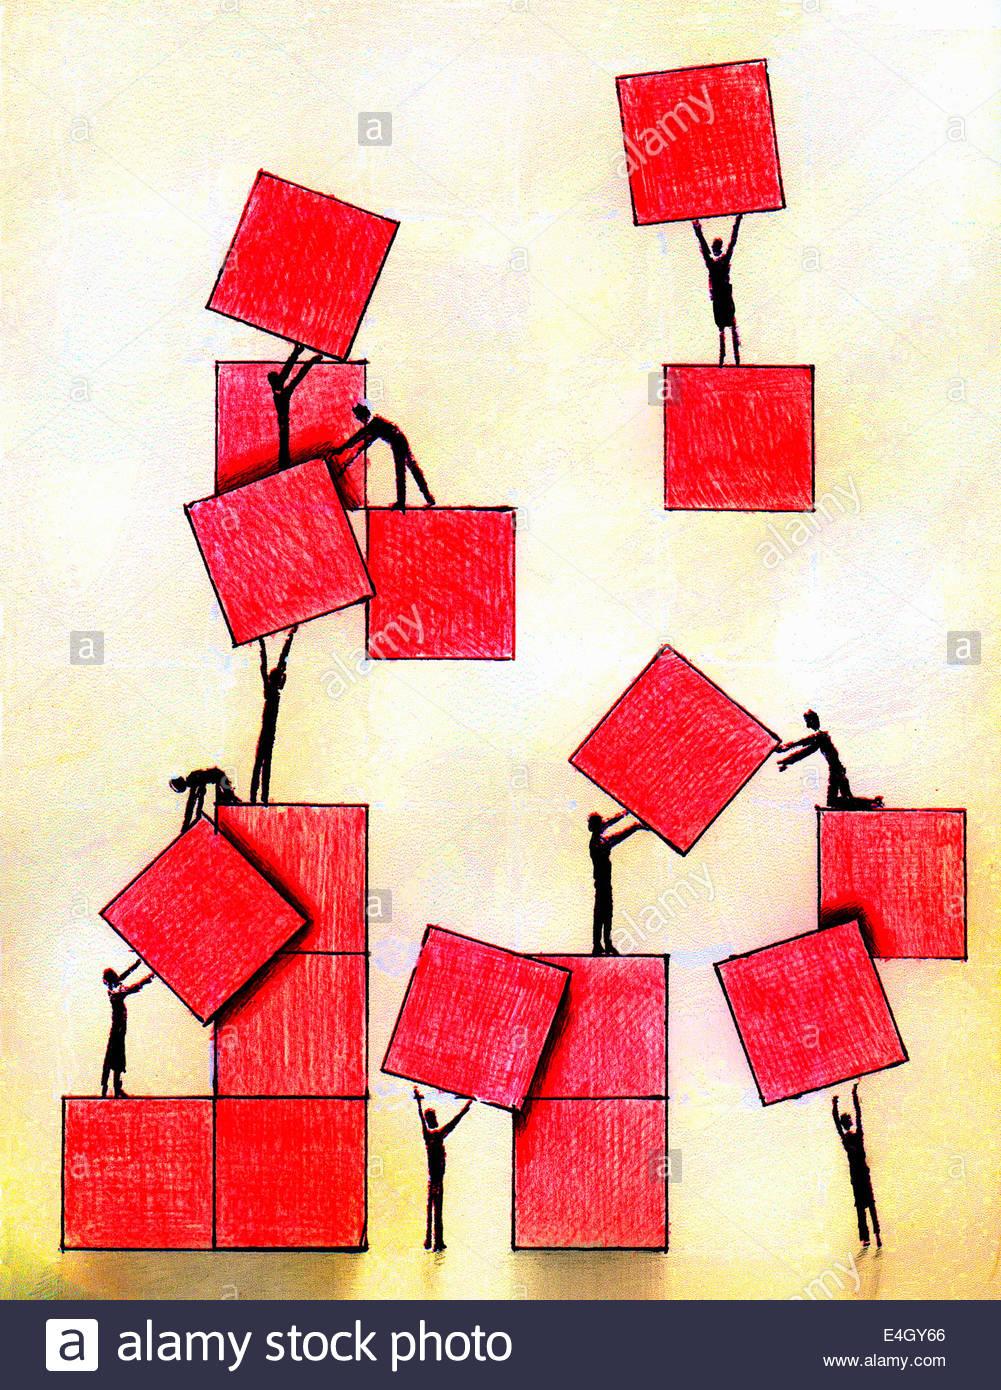 Gente de negocios trabajando juntos cuadrados rojos en movimiento Imagen De Stock